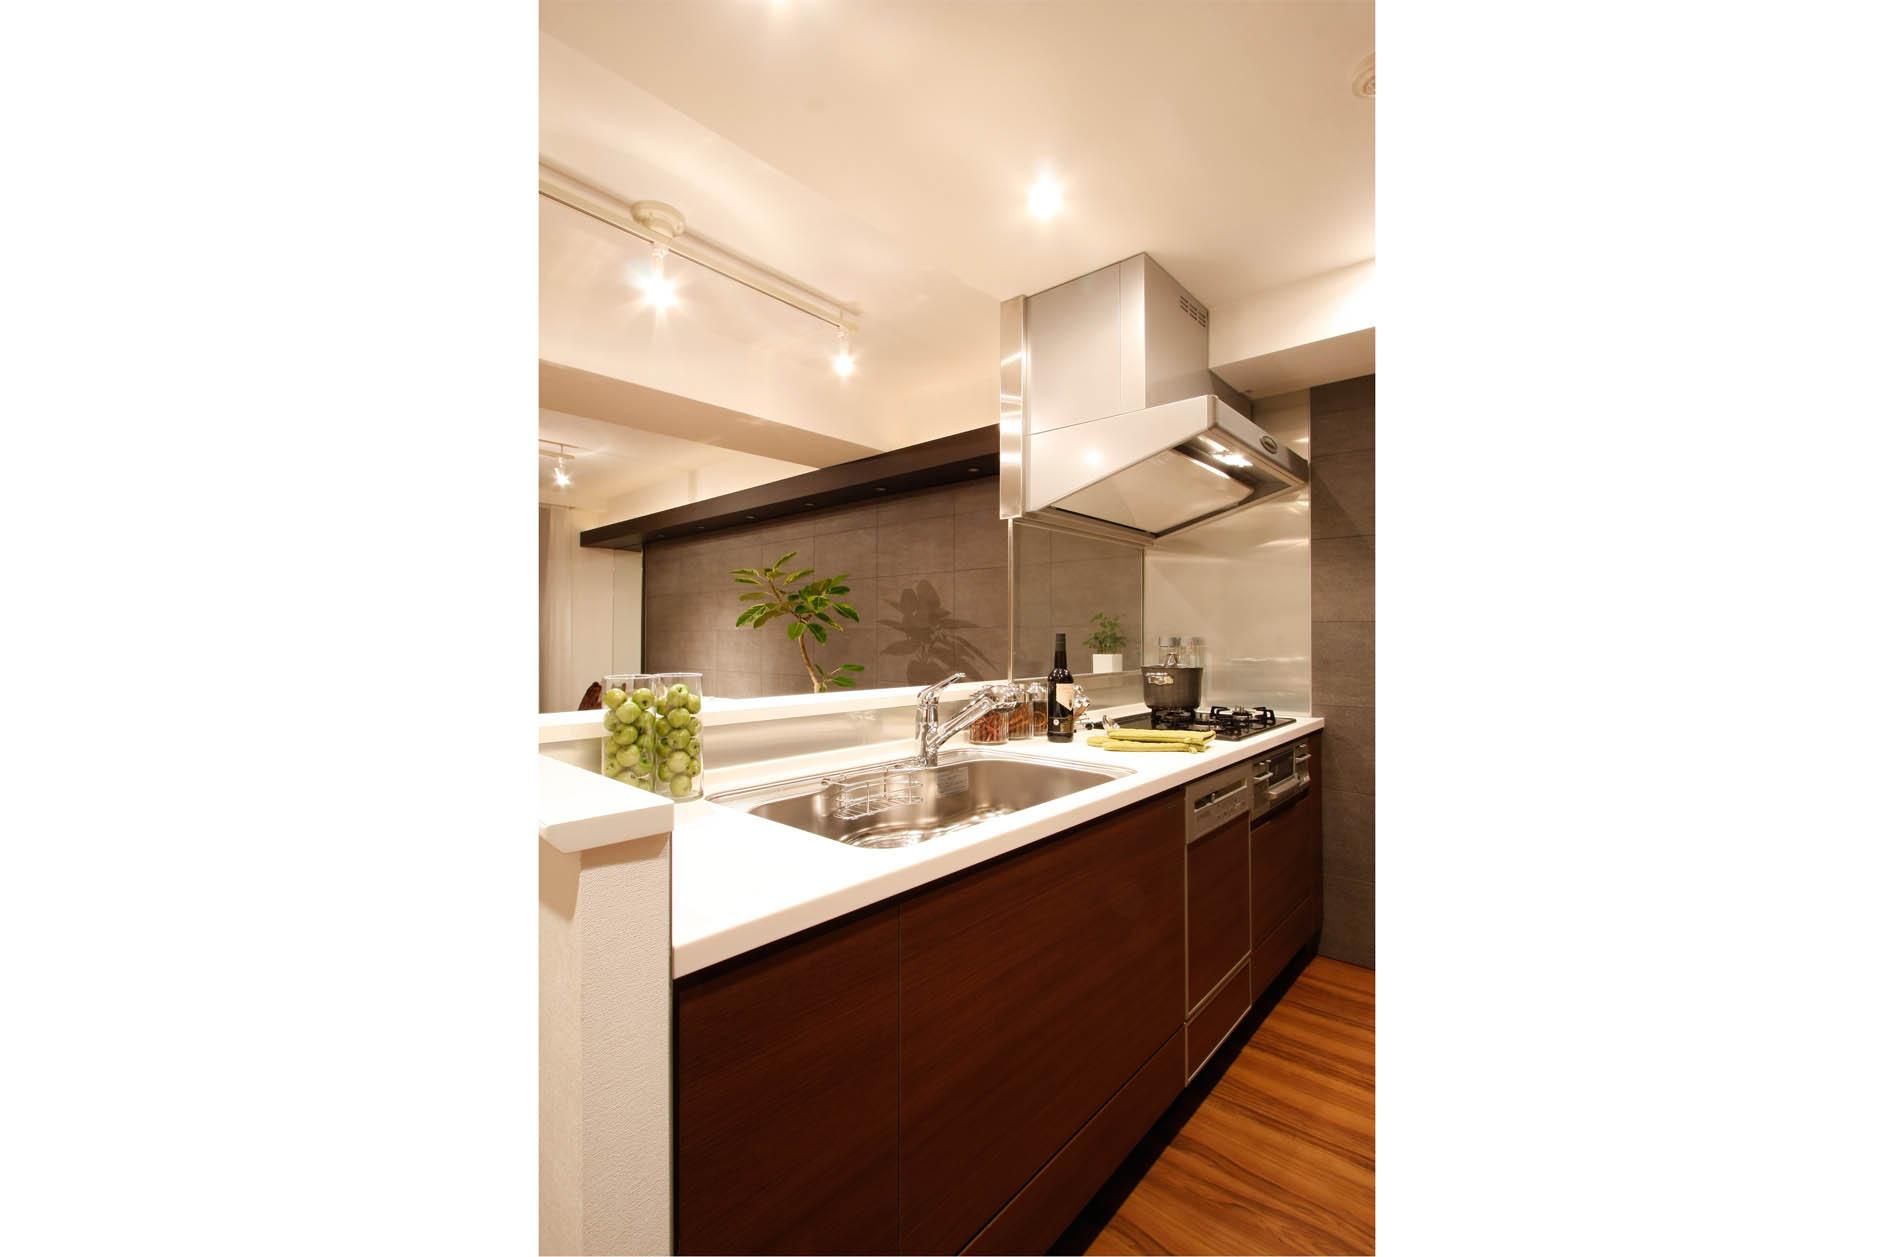 カウンターキッチン。家事をしながらLDのご家族と会話も楽しめる対面型キッチン。便利なカウンター付き。(MR撮影) イメージ